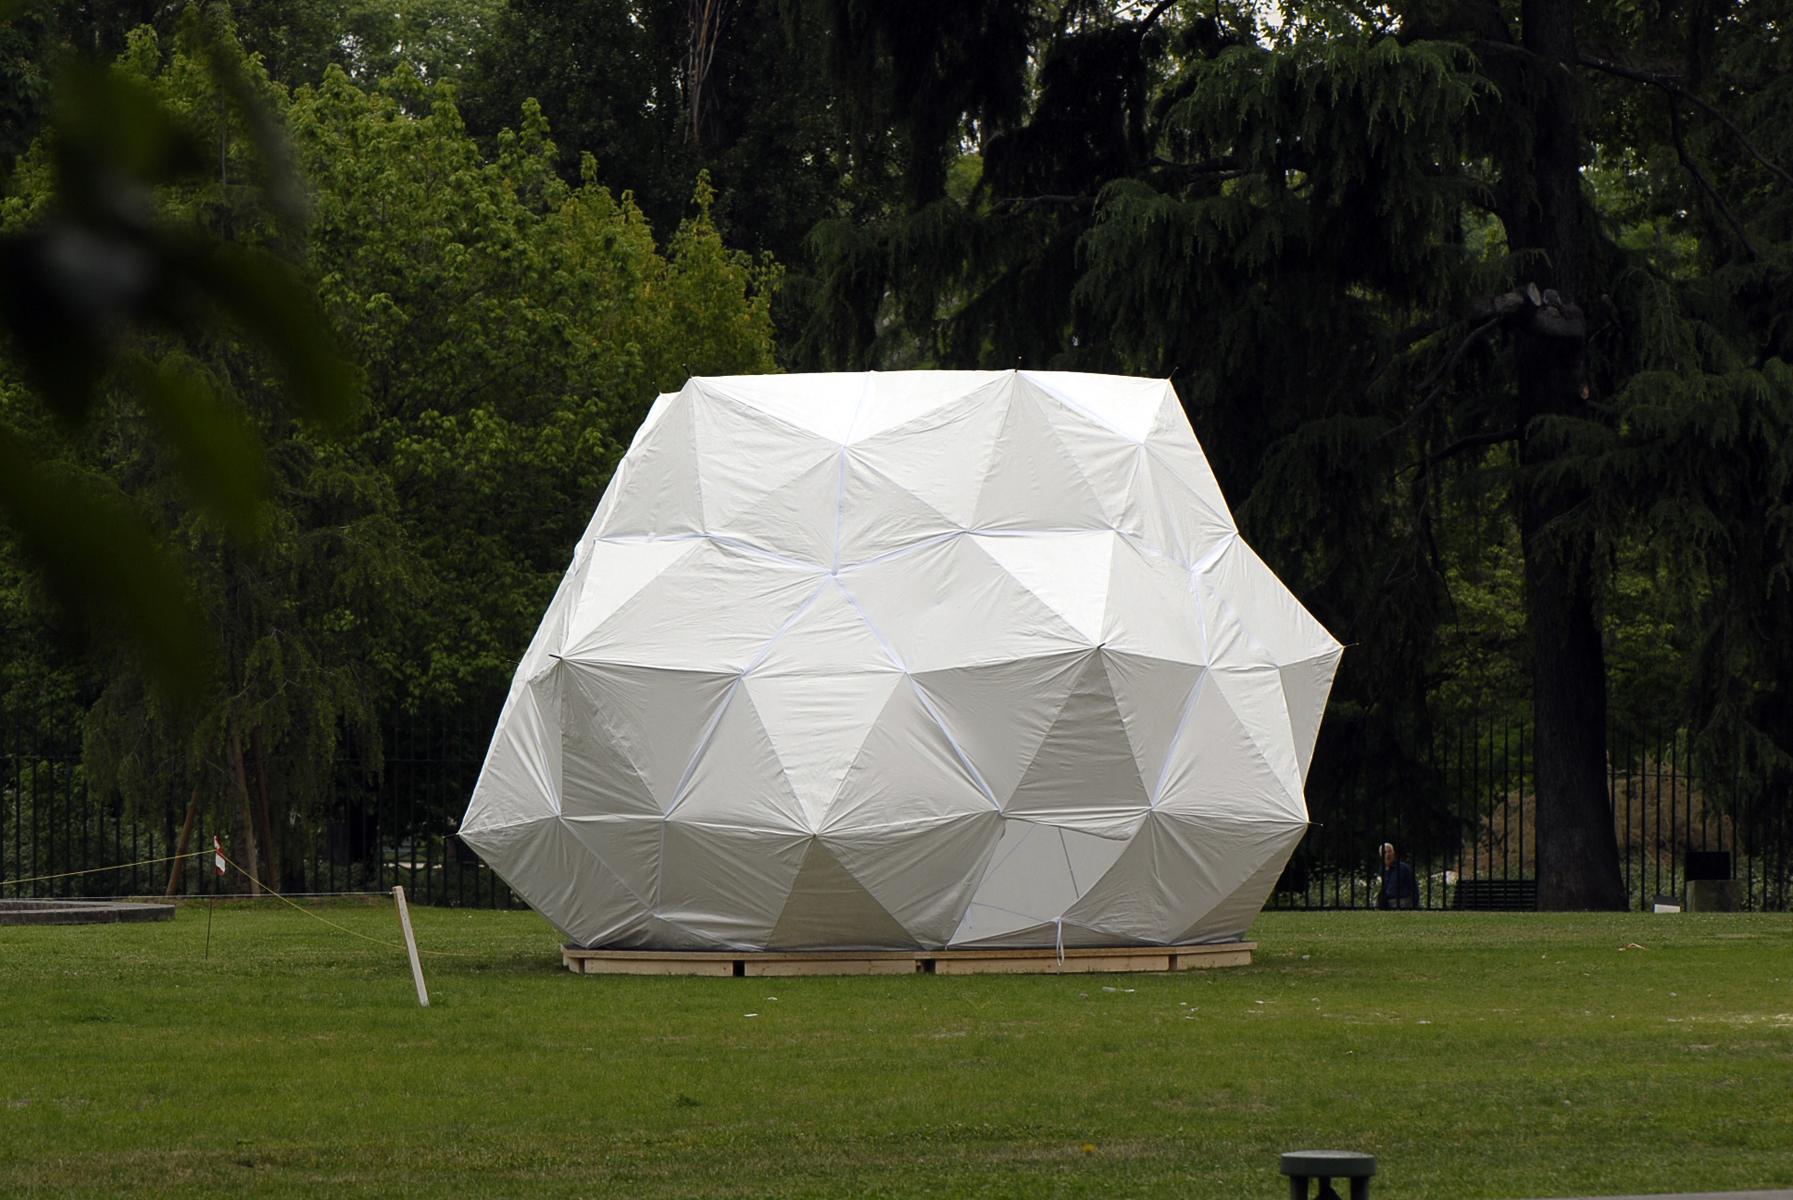 Casa umbrella architecture kengo kuma and for Architecture upbrella